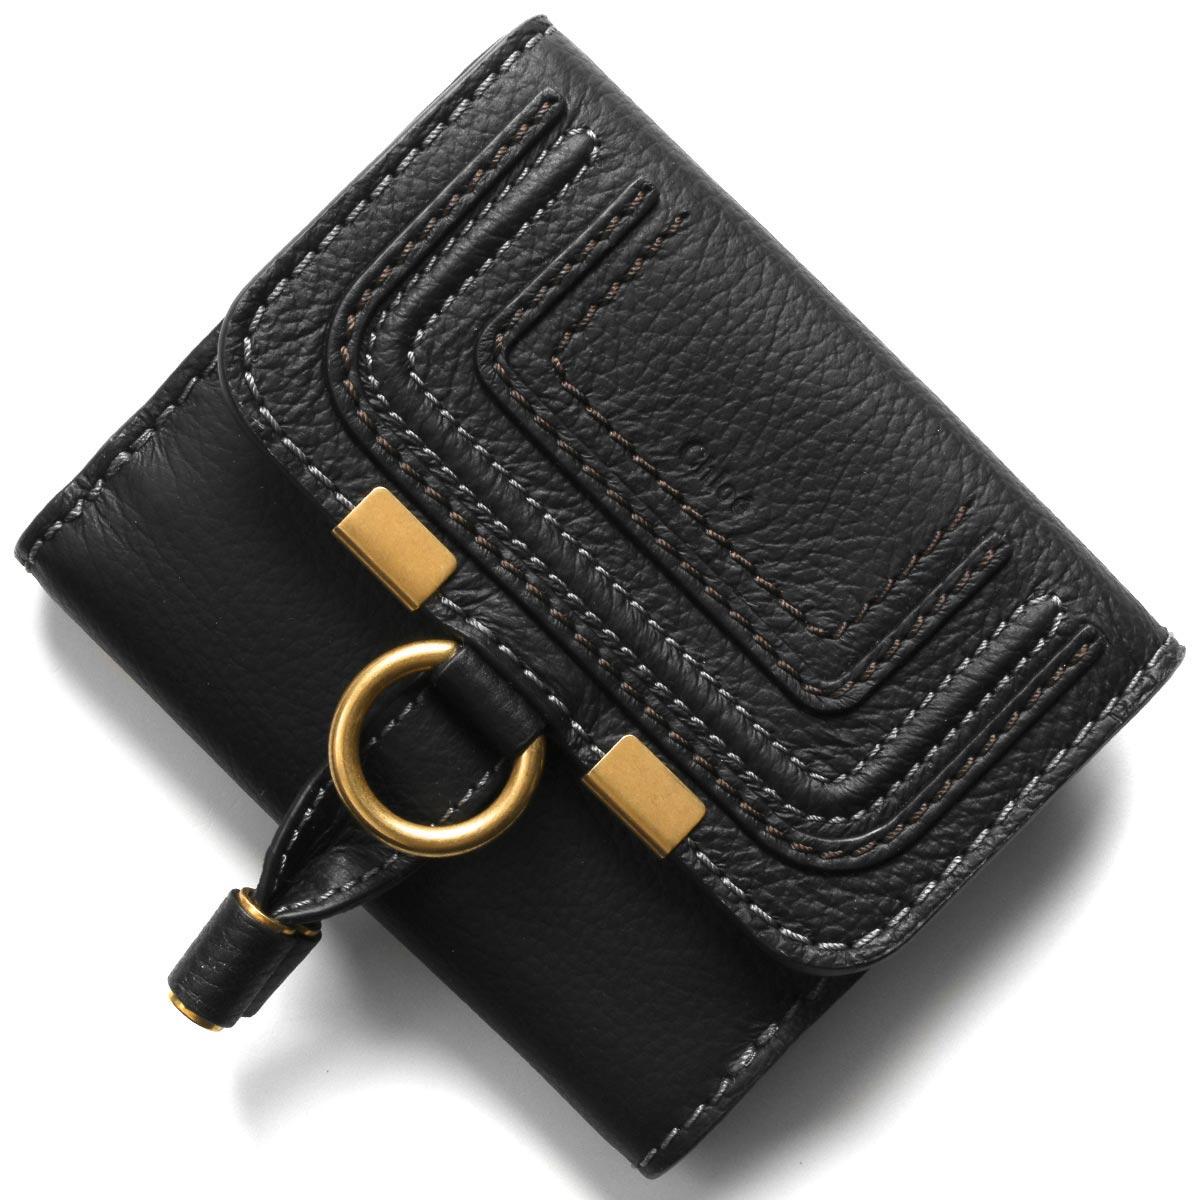 クロエ 二つ折り財布 財布 レディース マーシー ブラック CHC10UP572 161 001 CHLOE